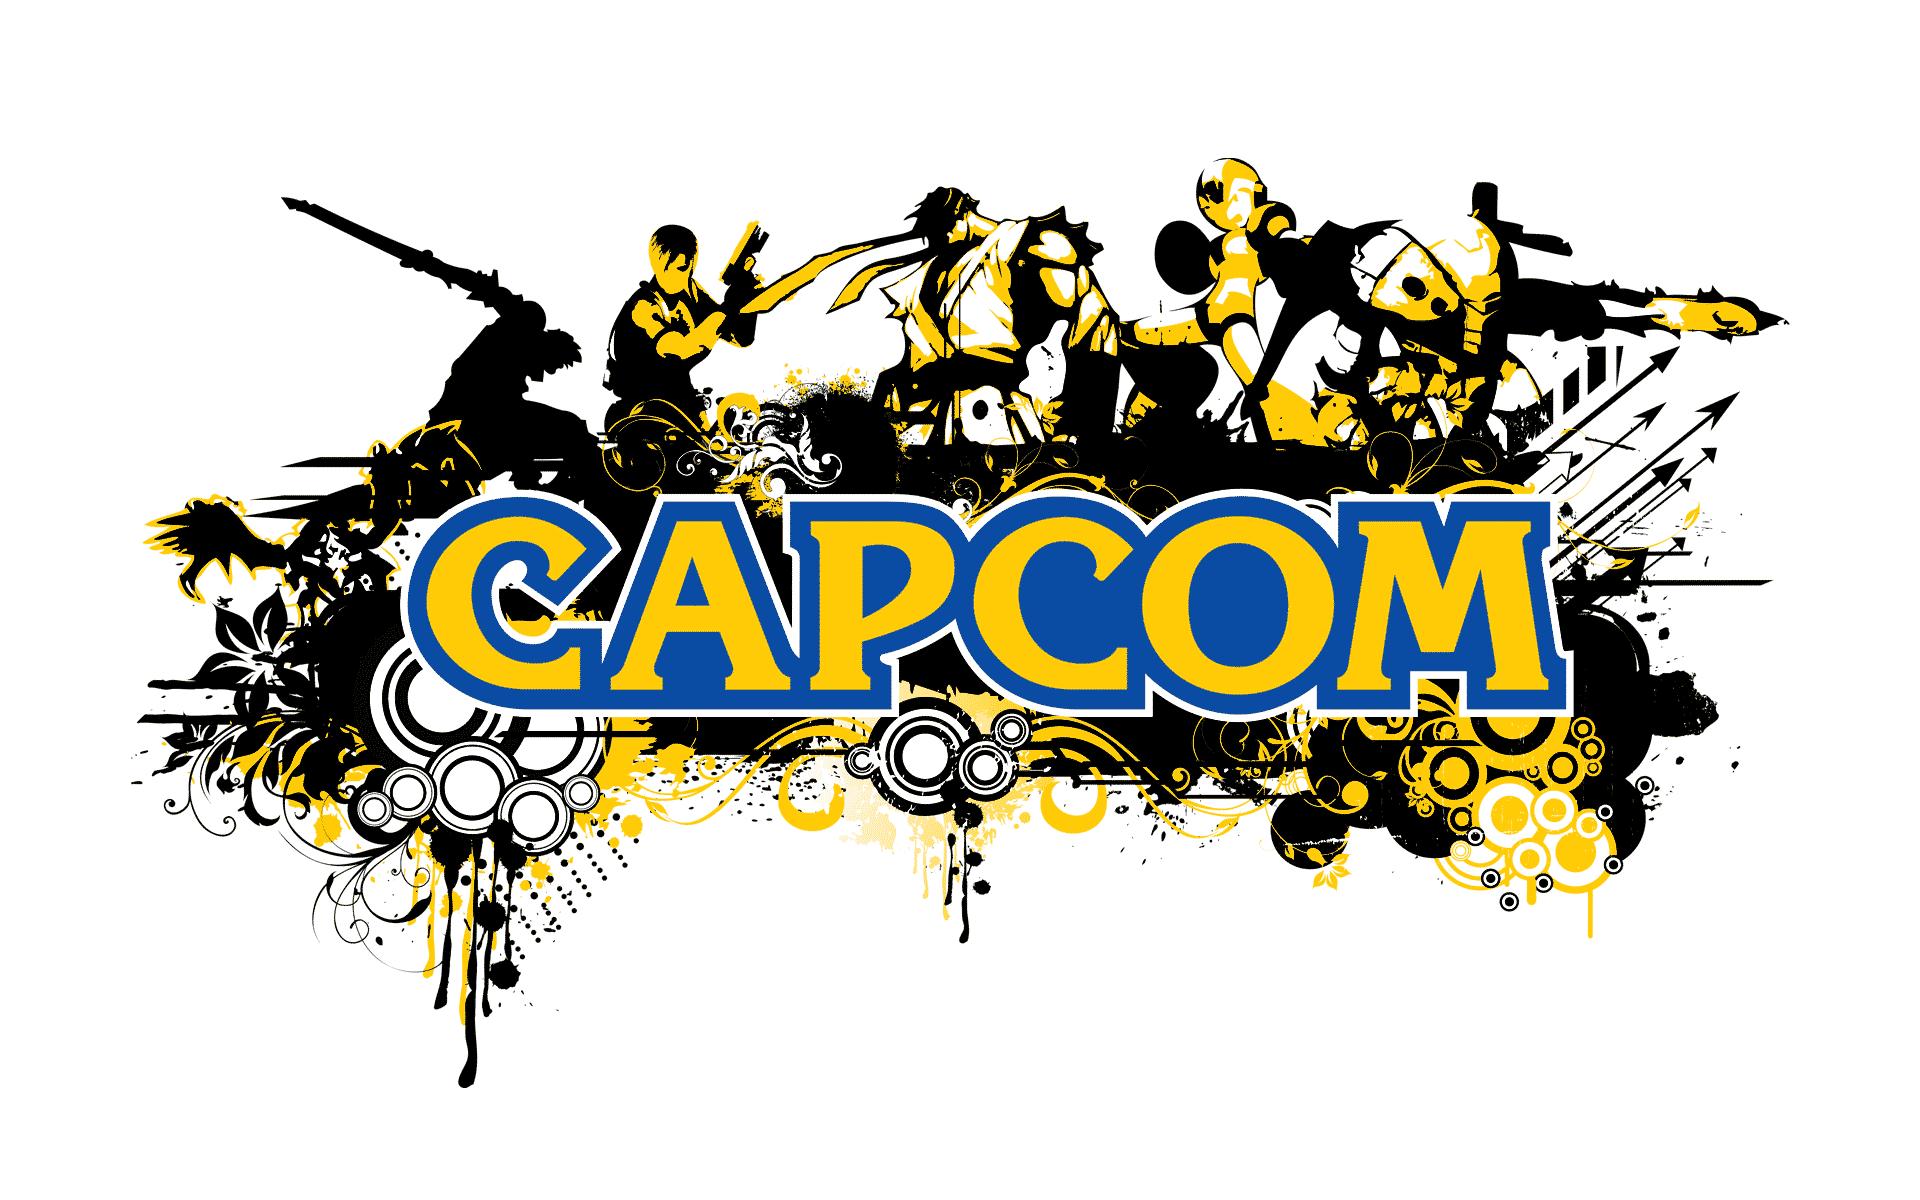 CAPCOM e os jogos pela metade